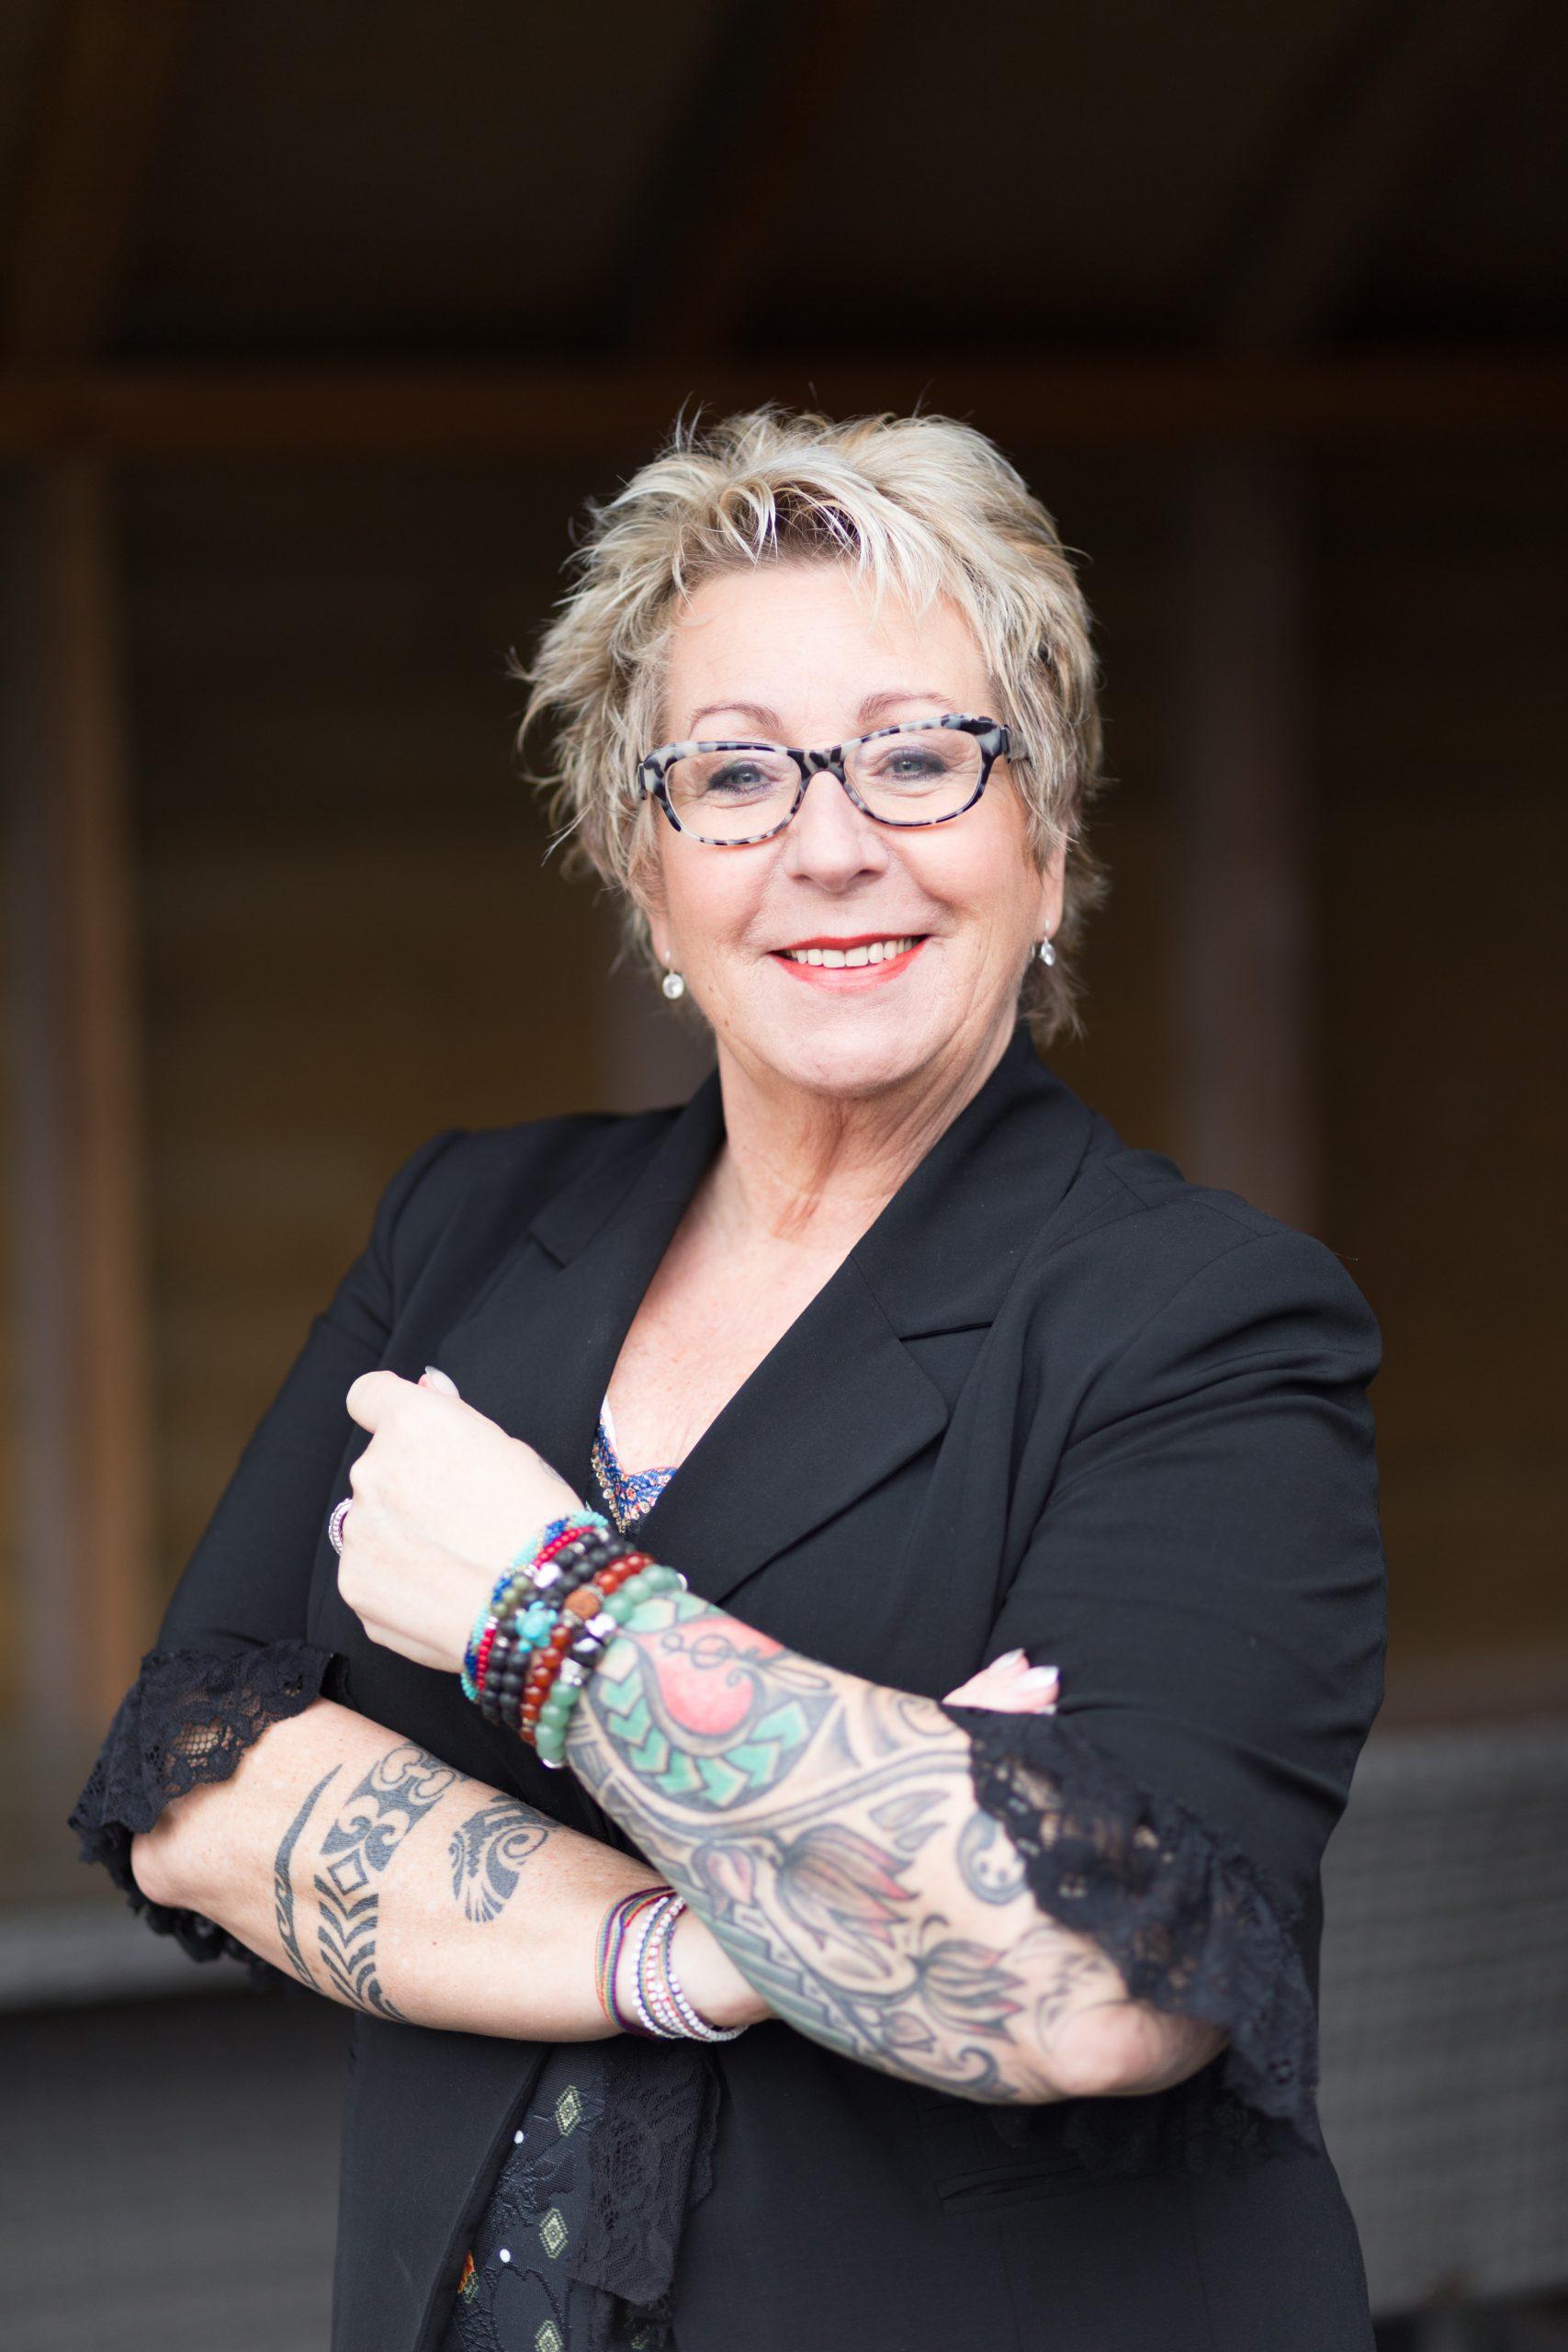 Marianne van de Weijer